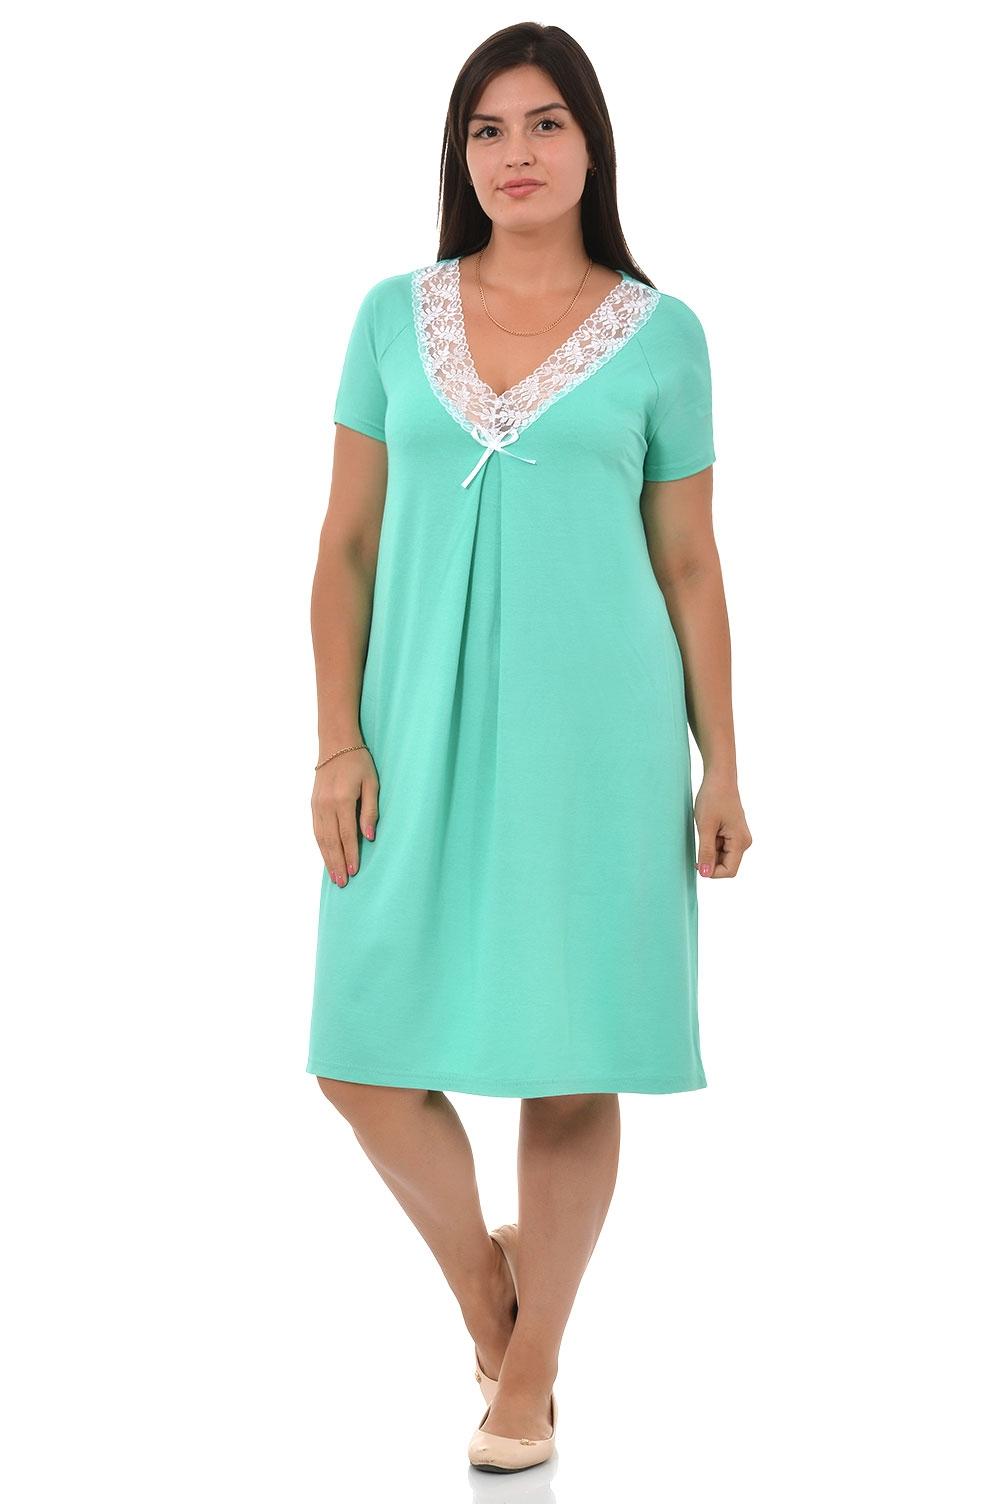 Ночная сорочка Матео ночная сорочка 2 штуки quelle arizona 464118